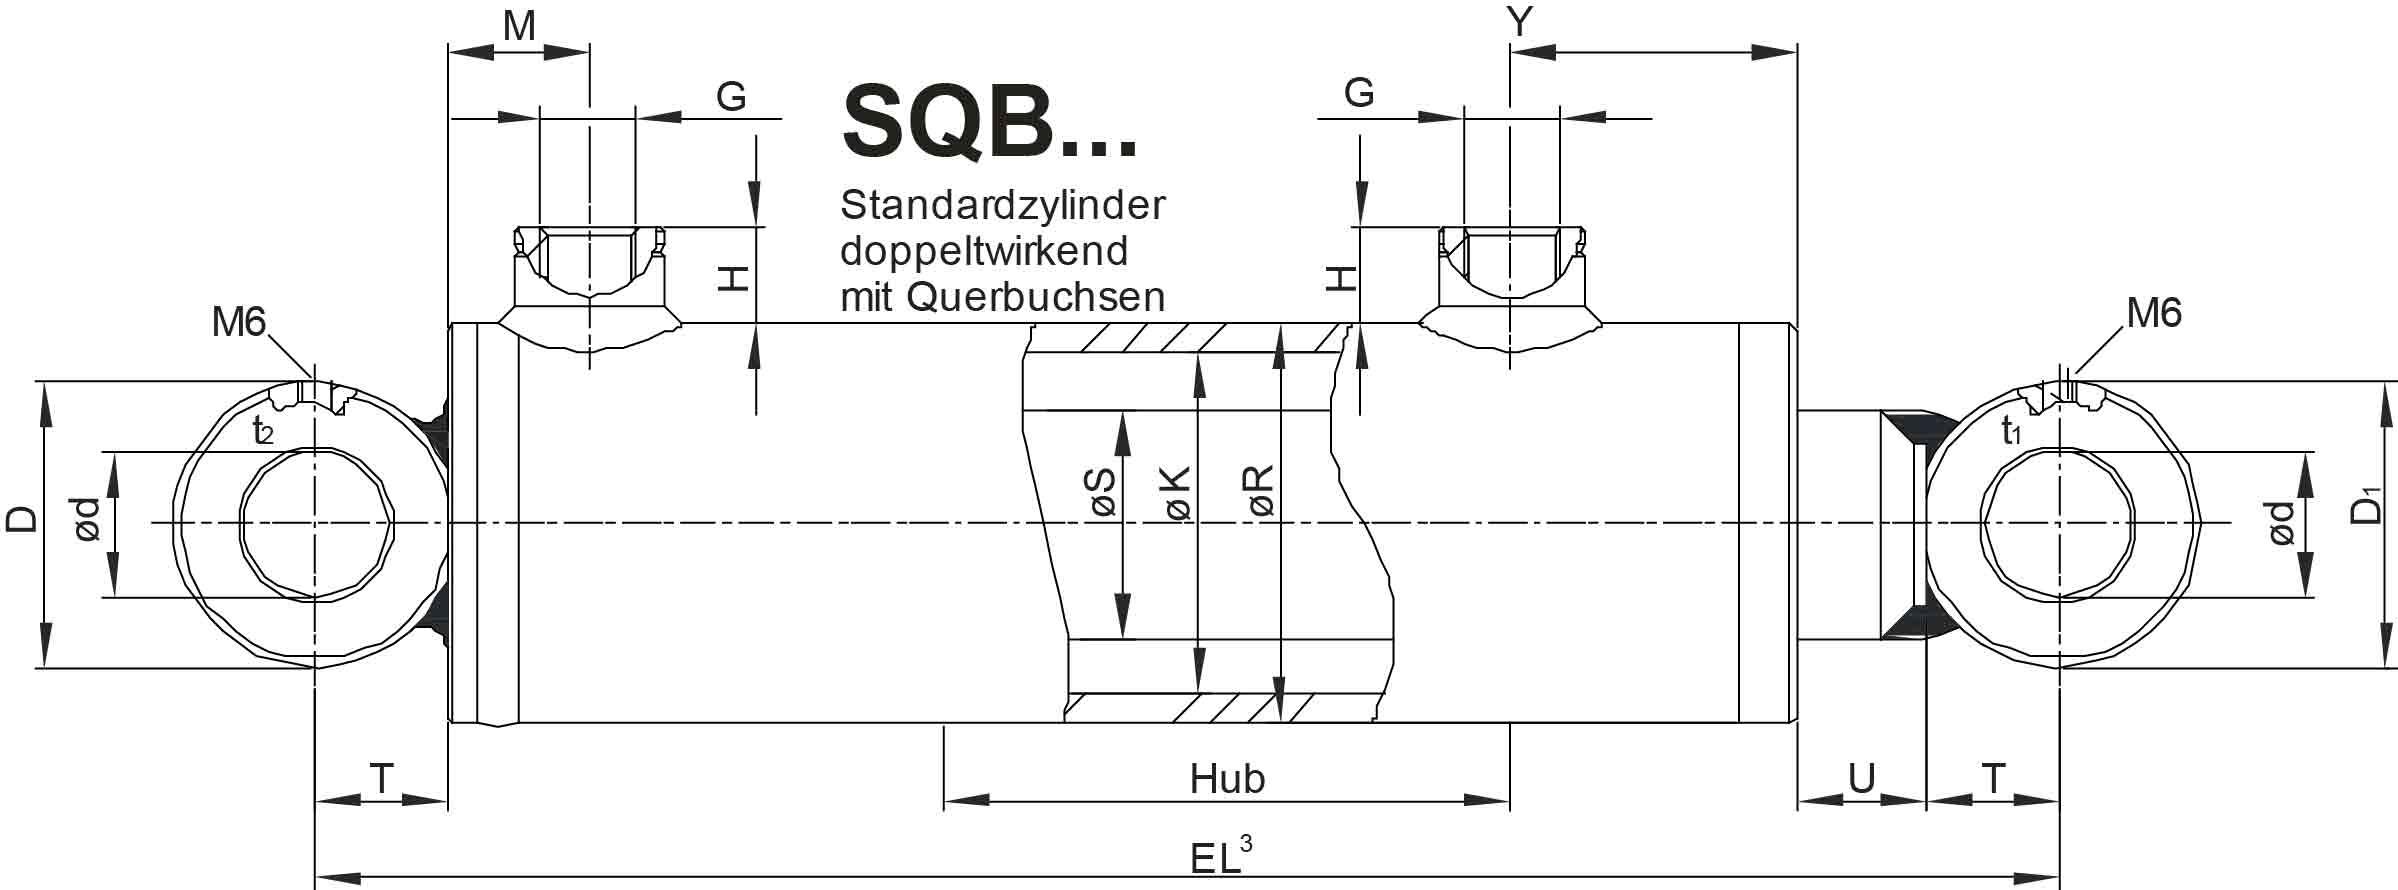 Bauplan Hydraulikzylinder doppeltwirkend